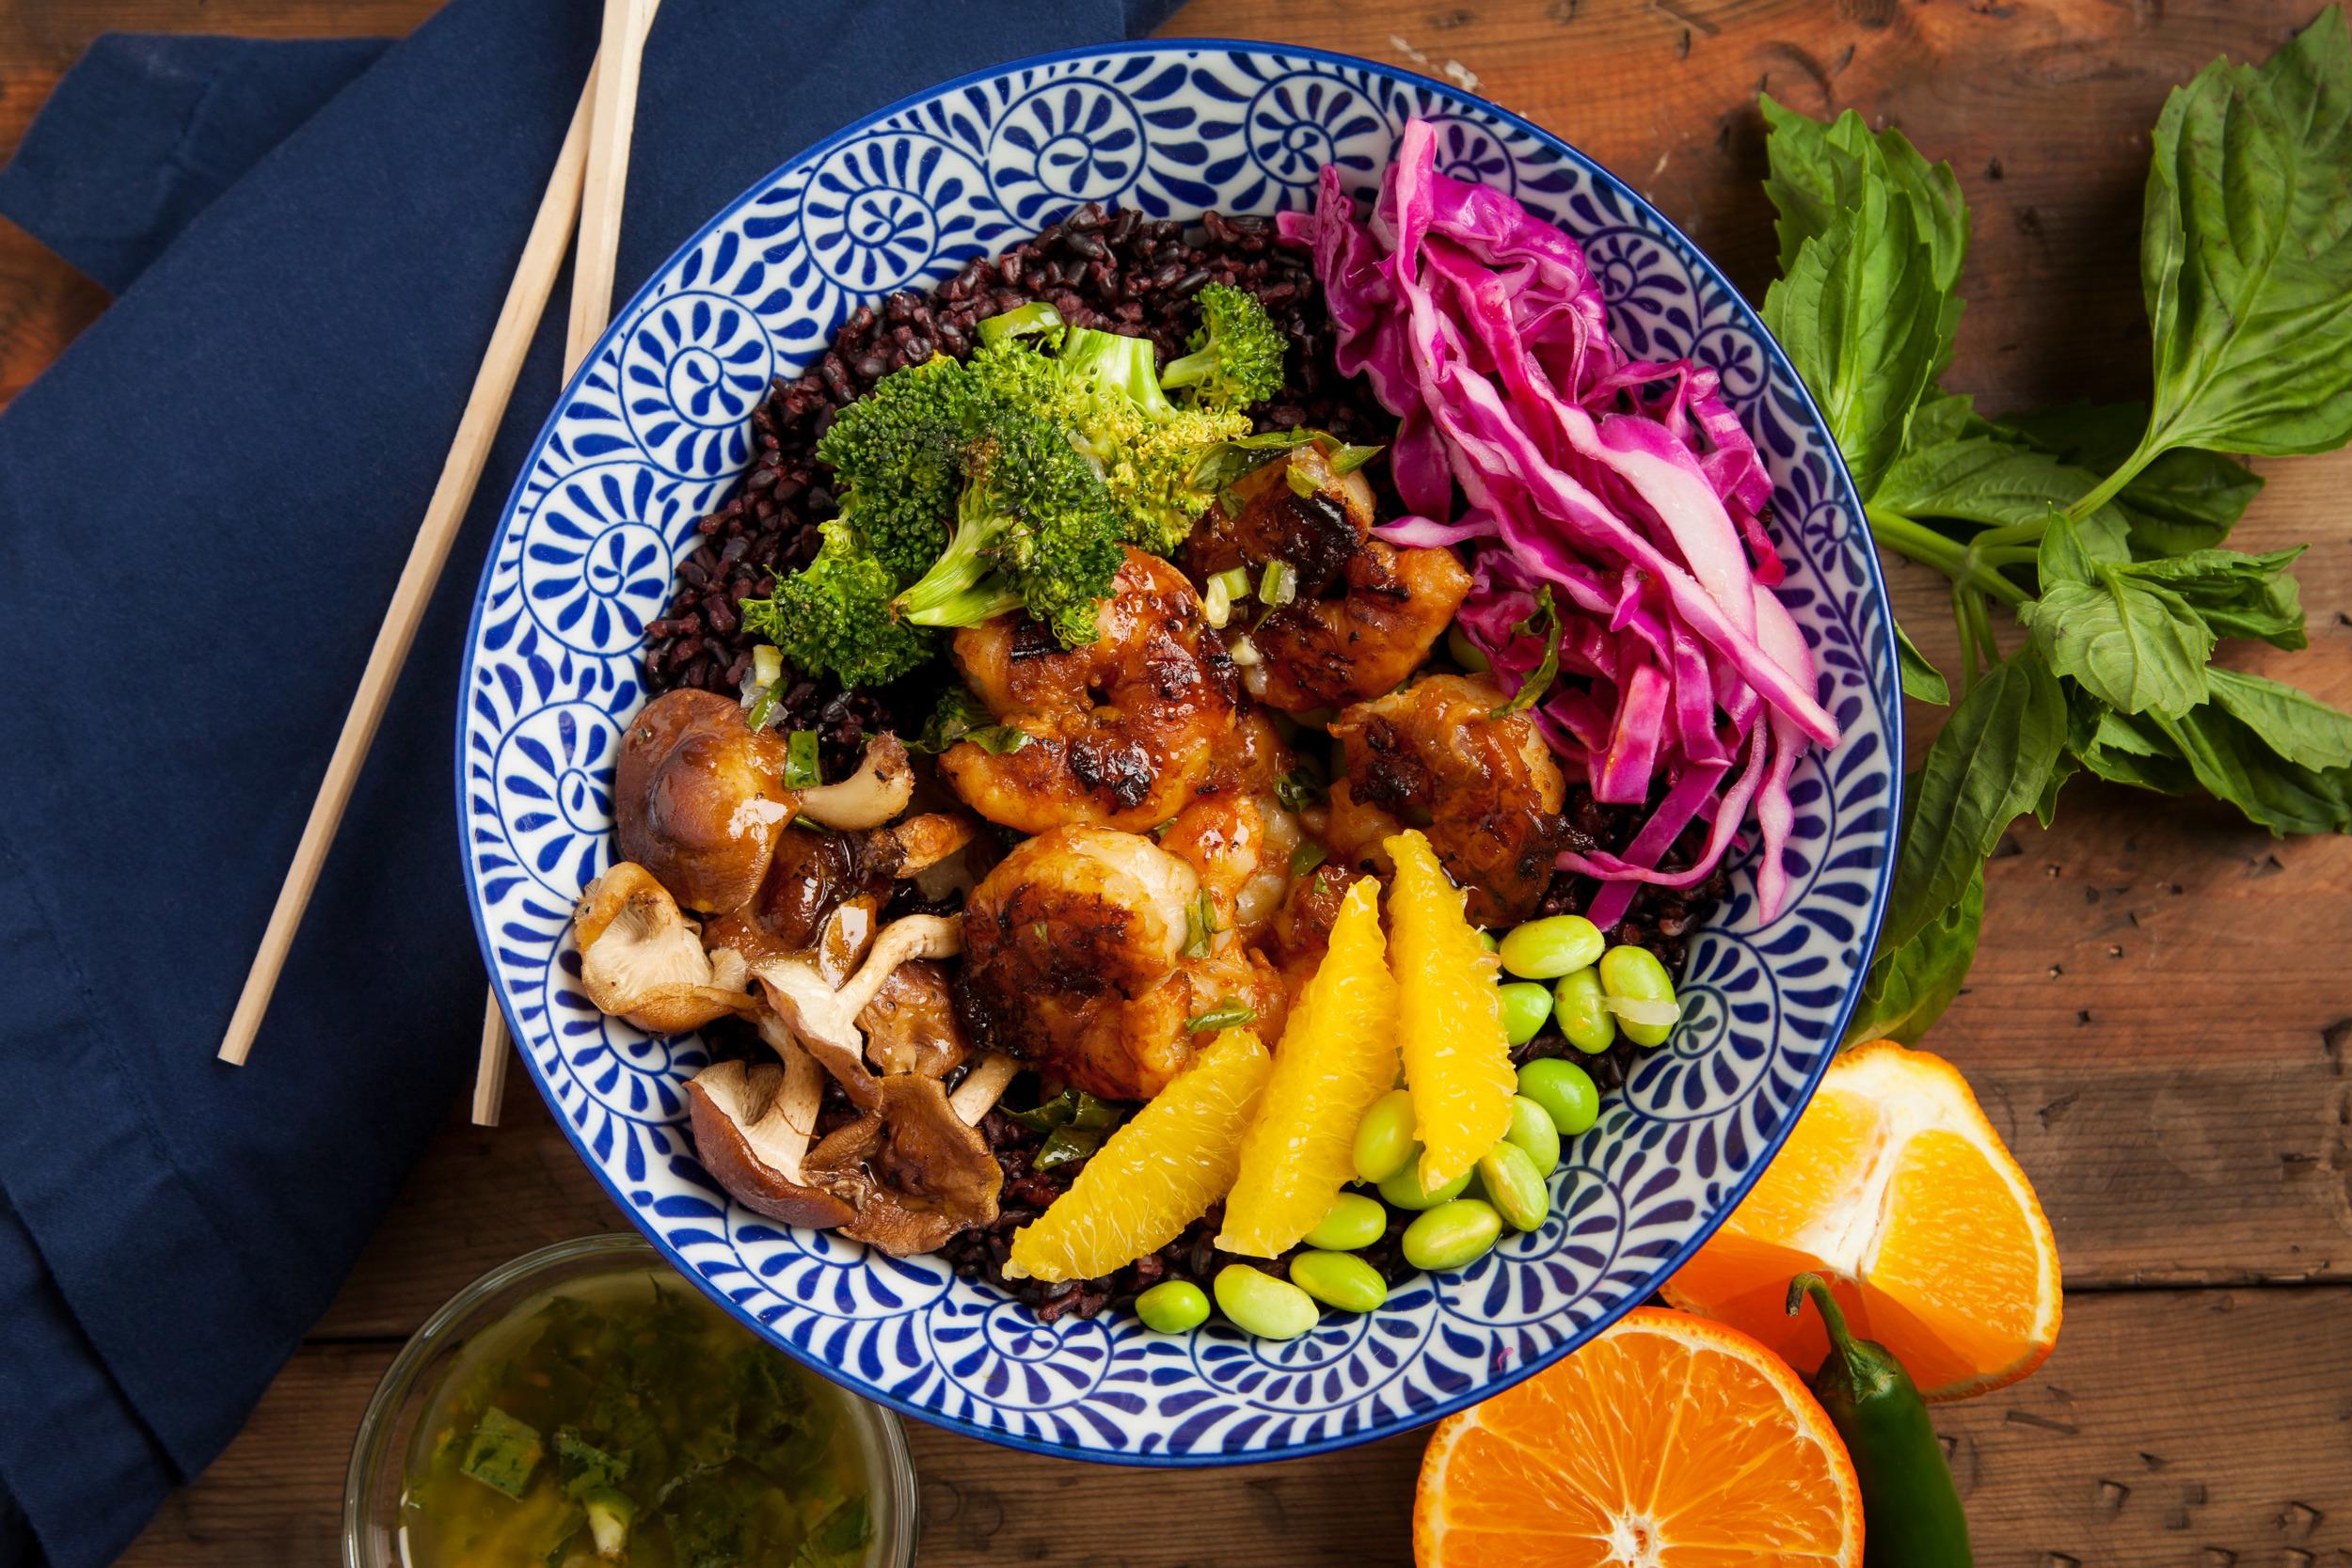 Grilled-Shrimp-Grain-Bowl_09.jpg